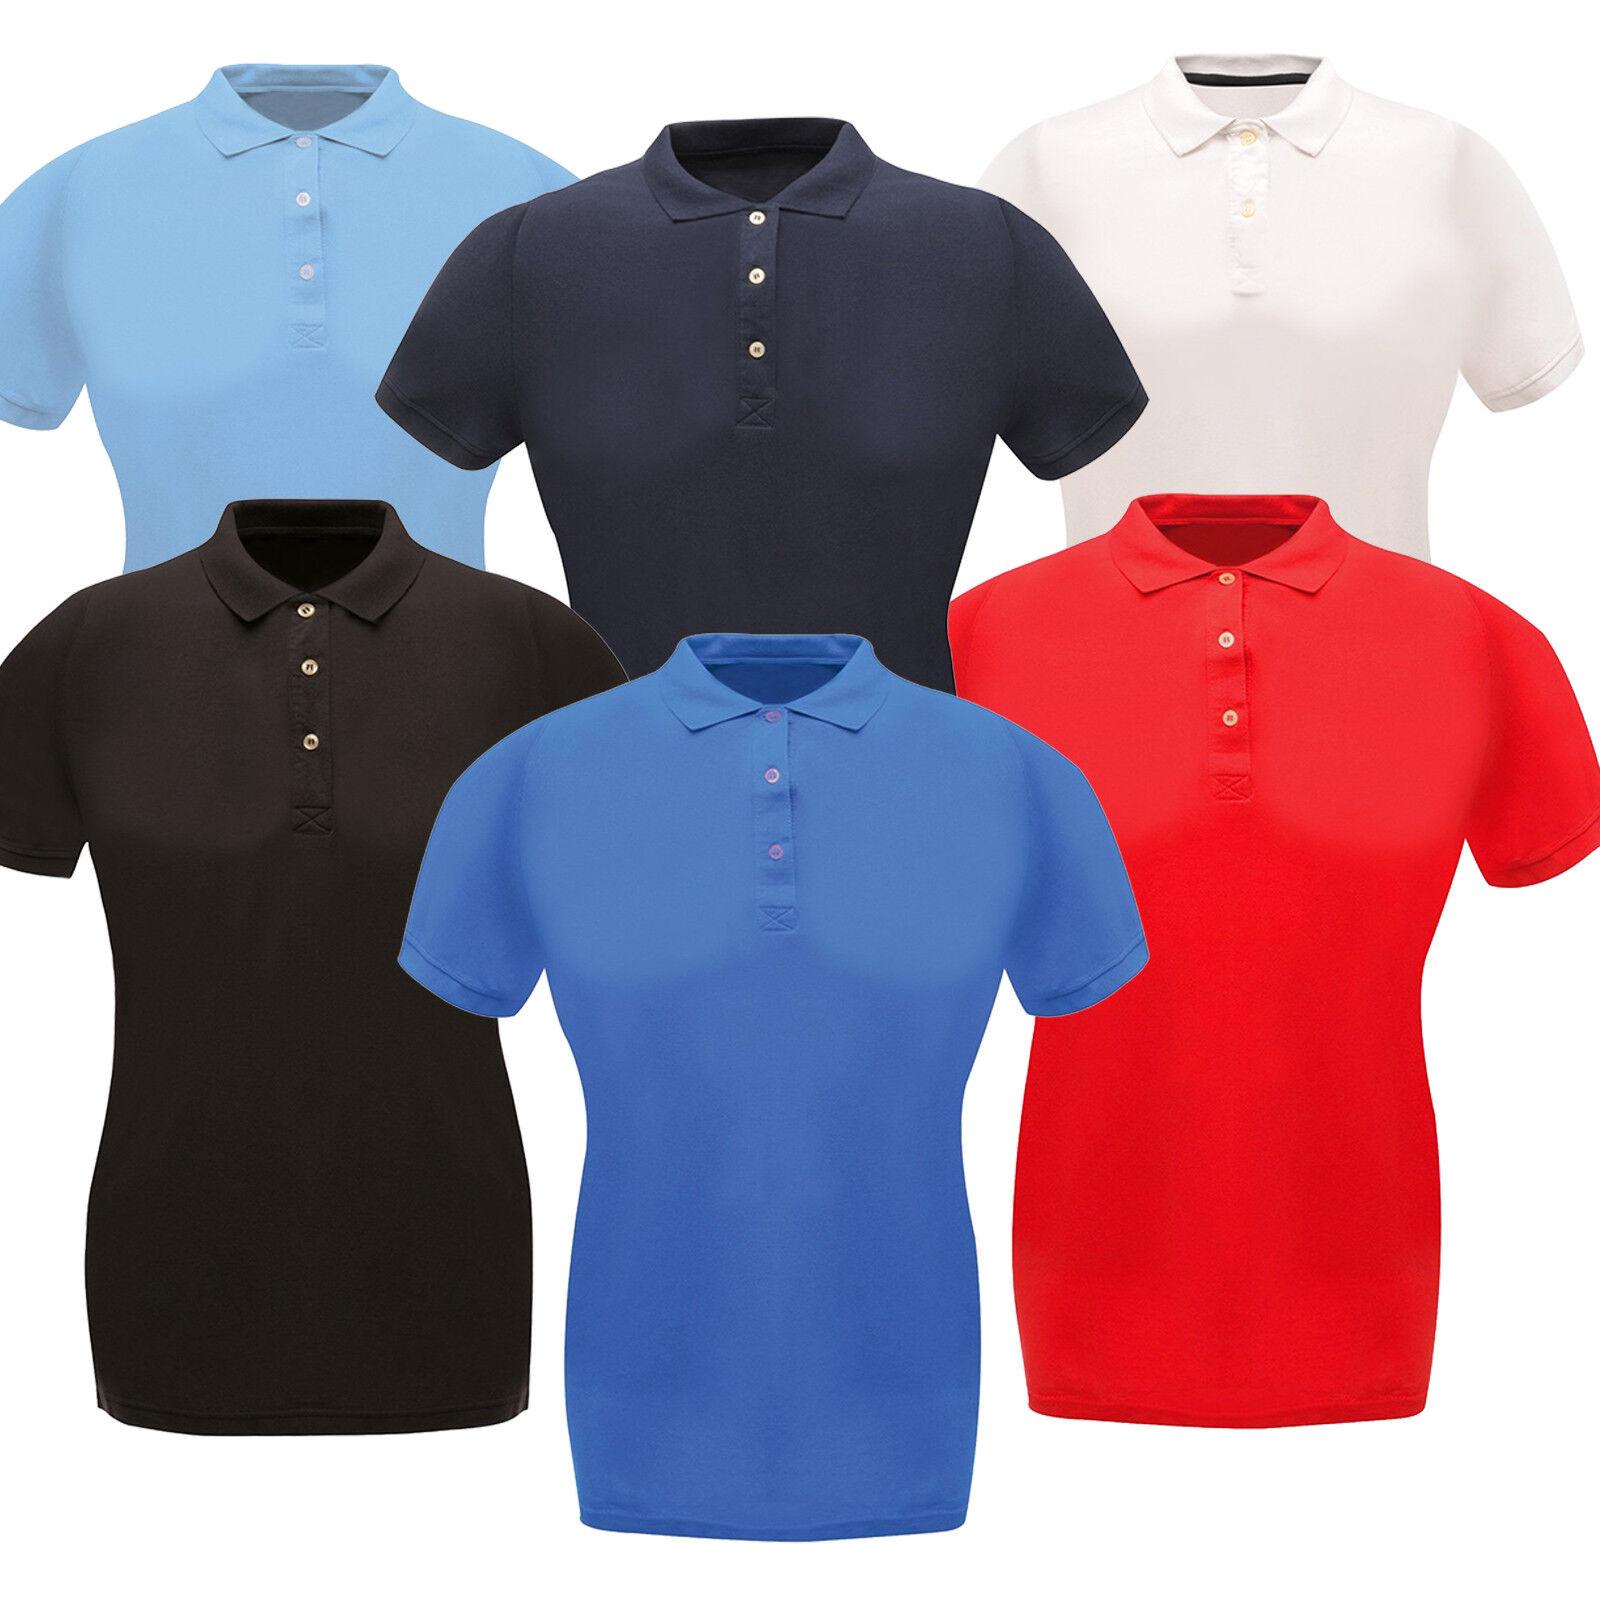 Polo Shirt Womens Regatta Shirts Classic Ladies Premium ...